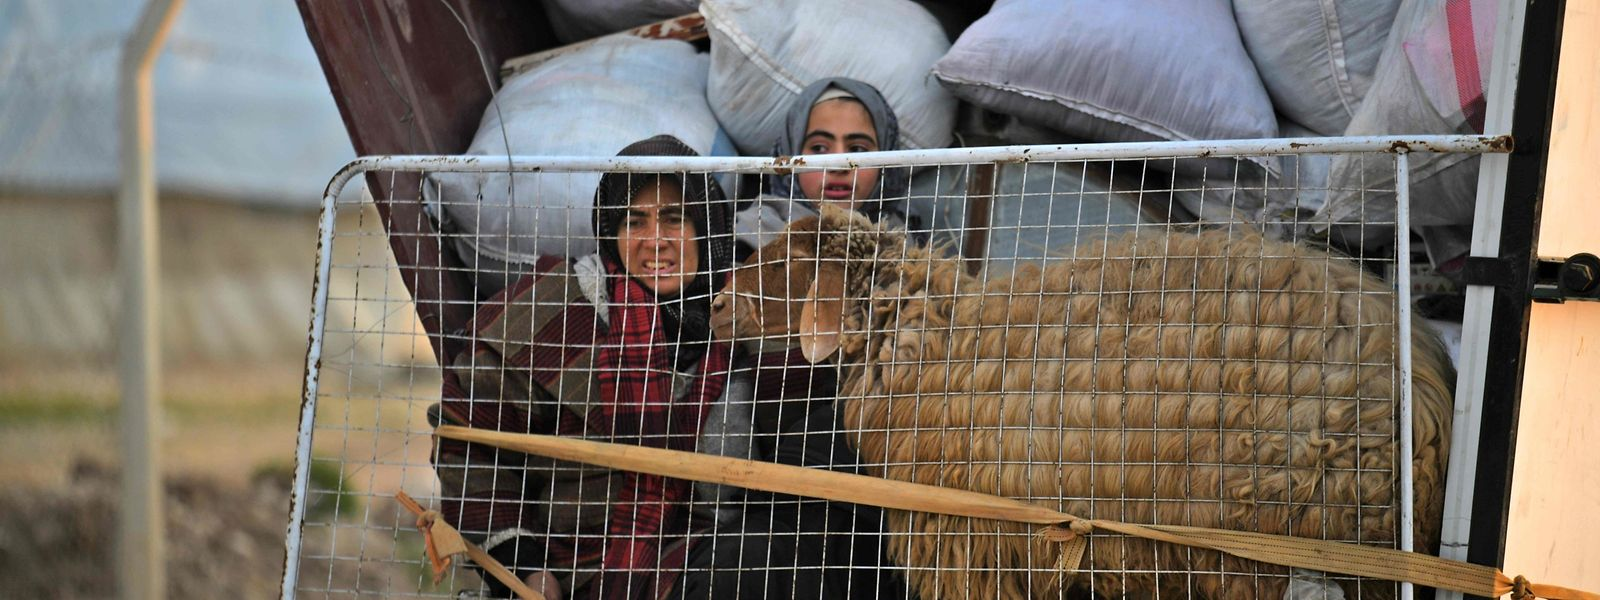 Des civils fuient Idlib pour se rendre dans un camp de réfugiés près de la frontière syro-turque.